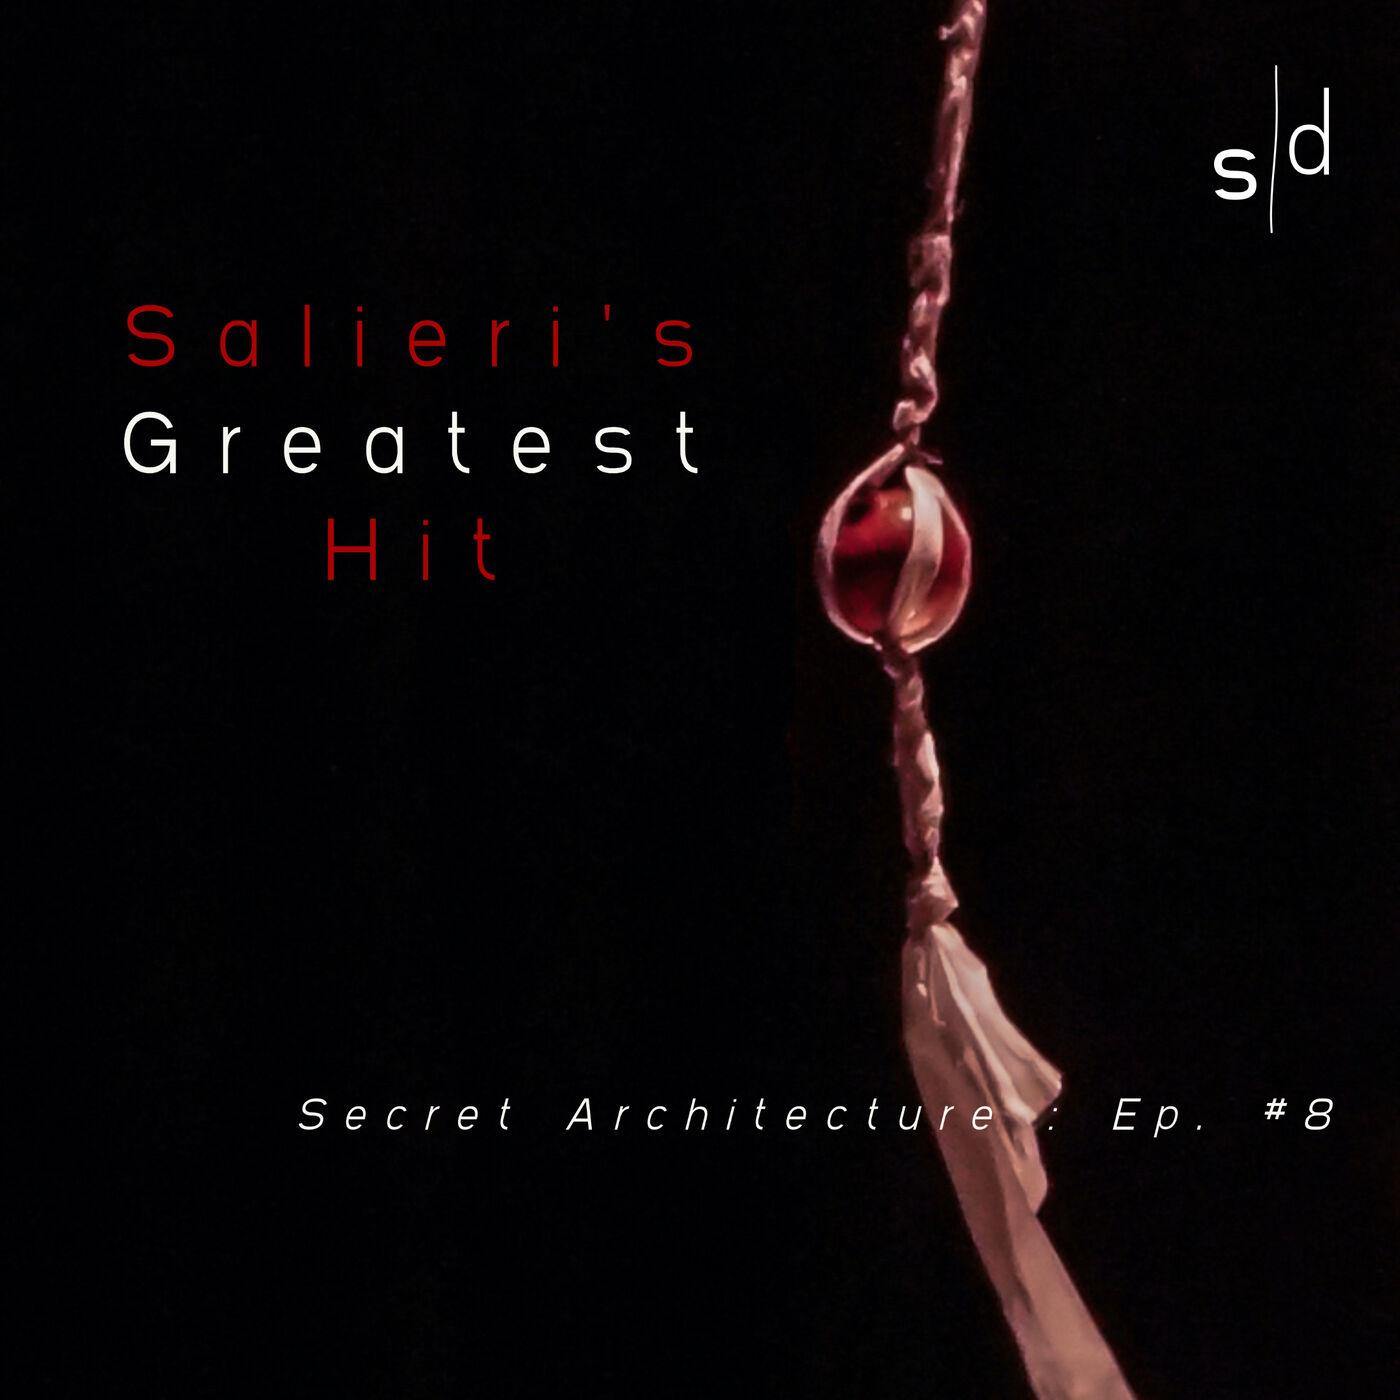 Salieri's Greatest Hit